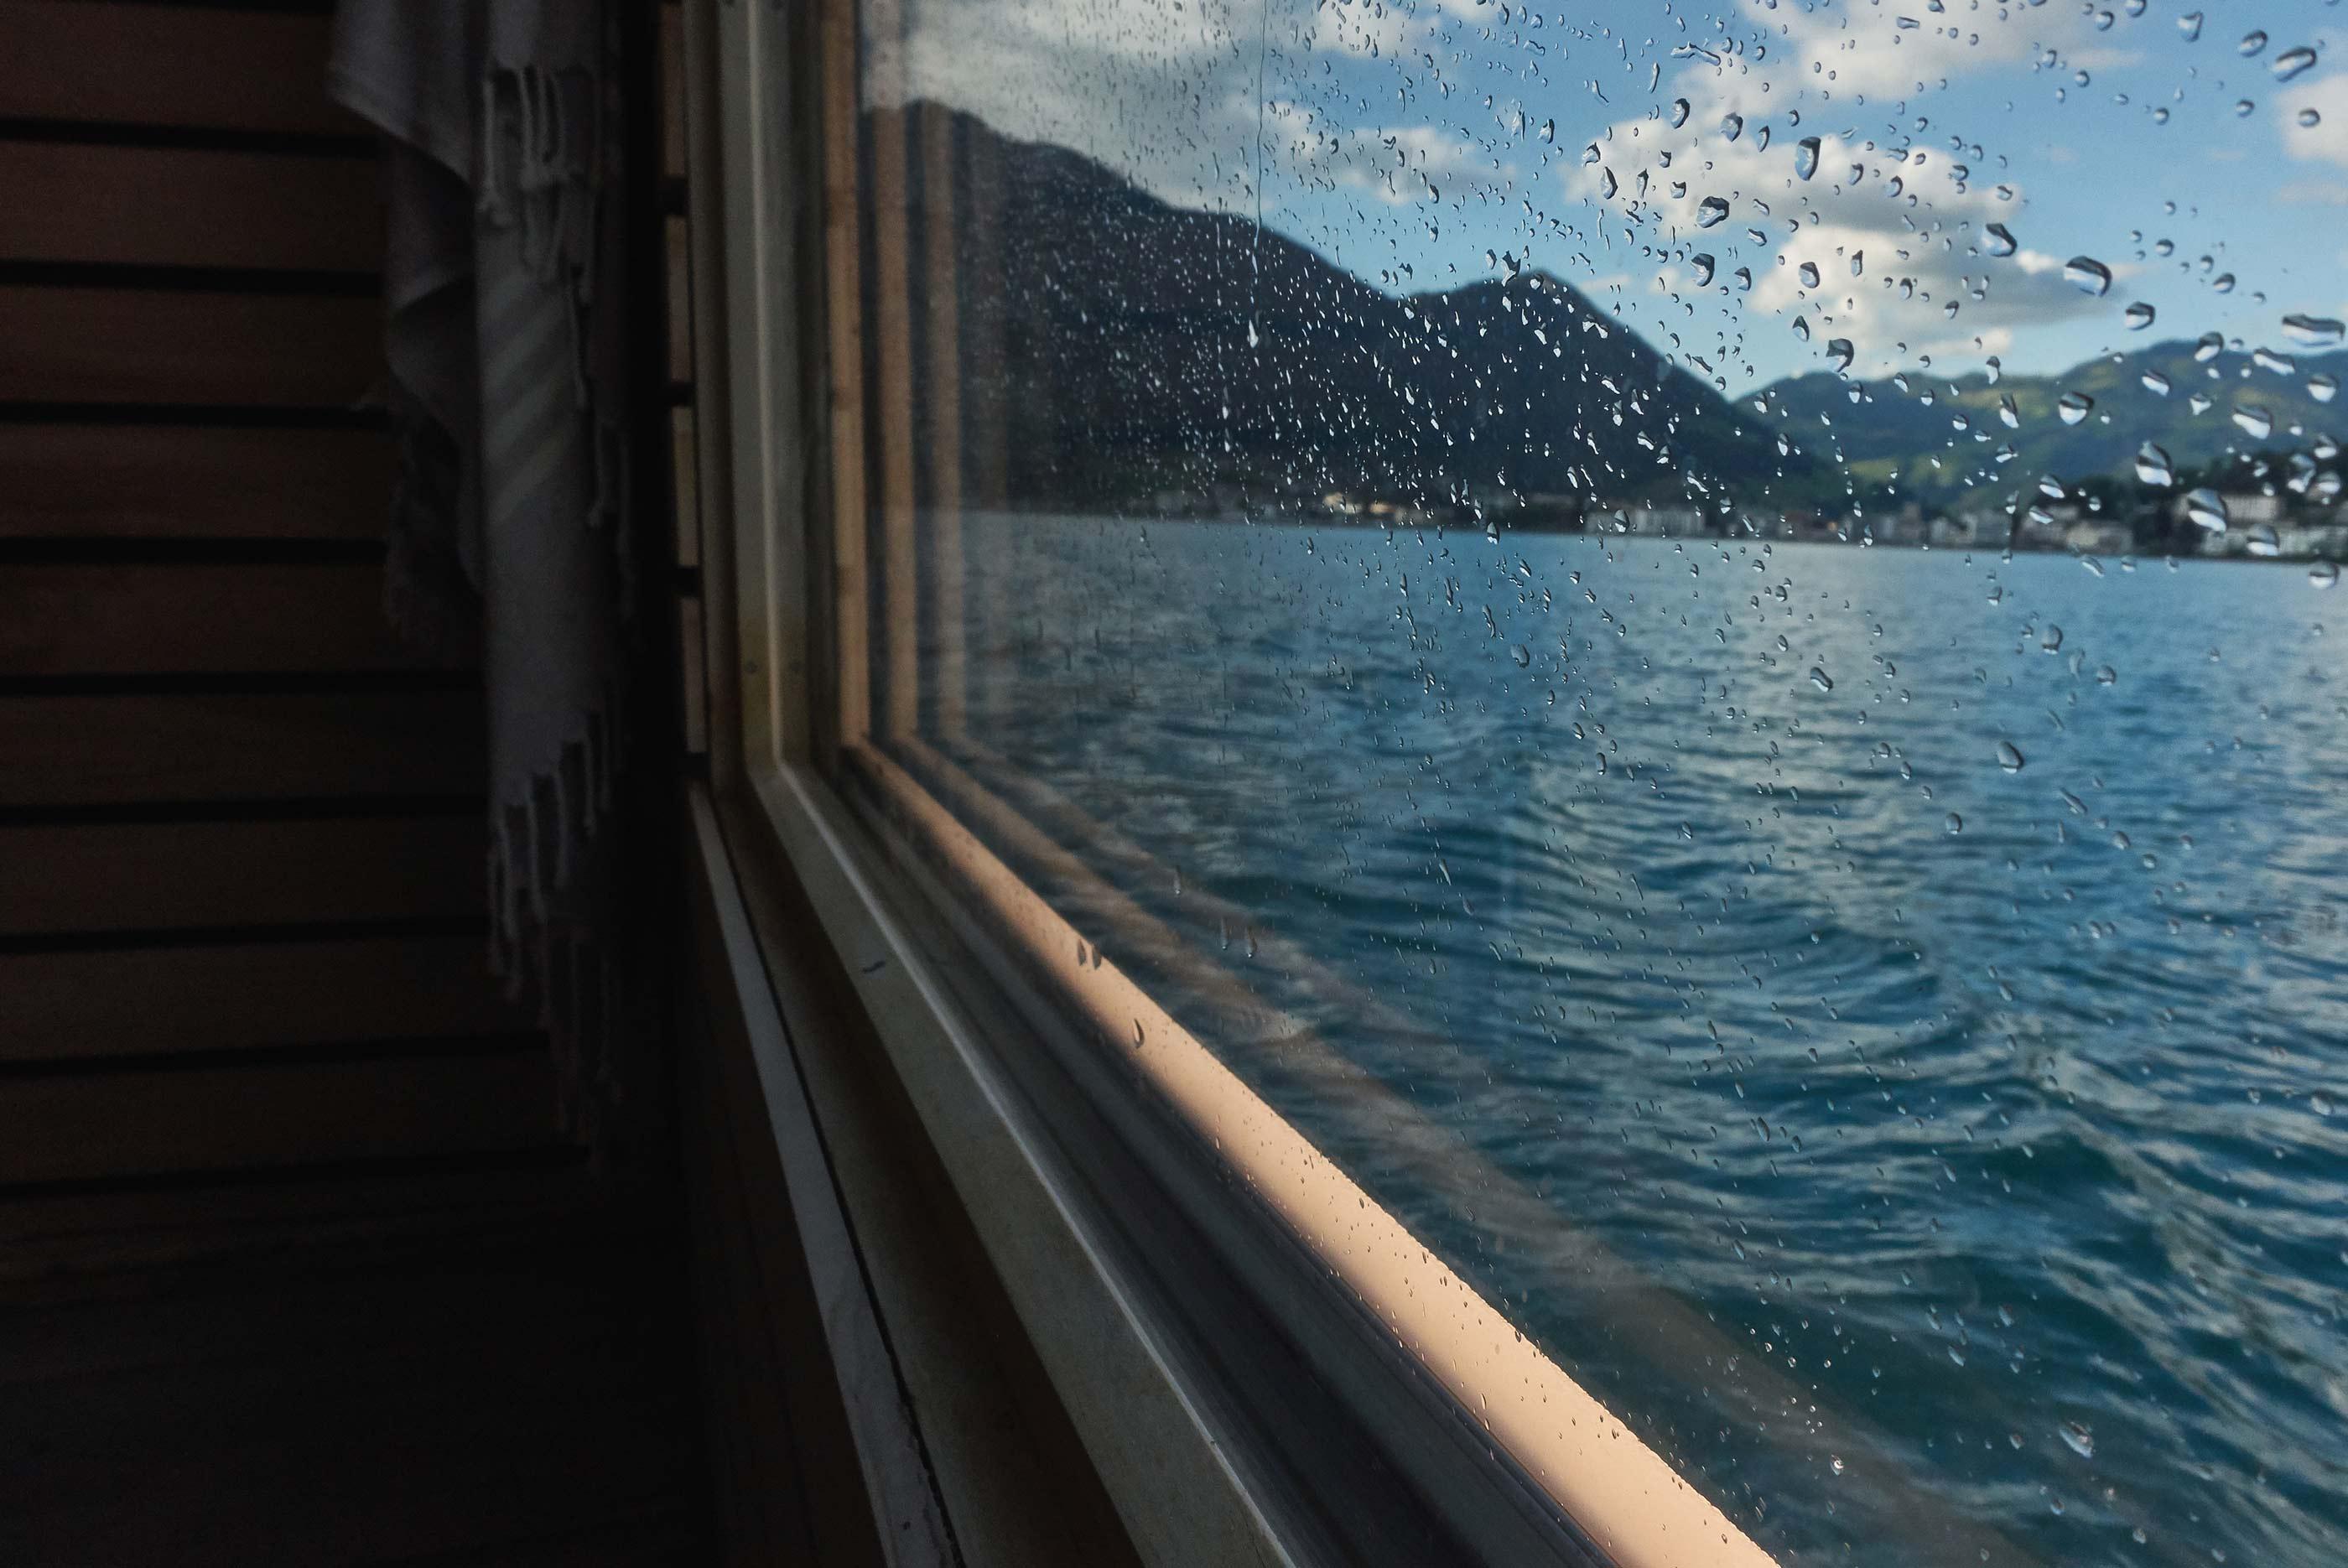 Saunaboot Classic - das Sauna Erlebnis in Luzern mitten auf dem Vierwaldstättersee